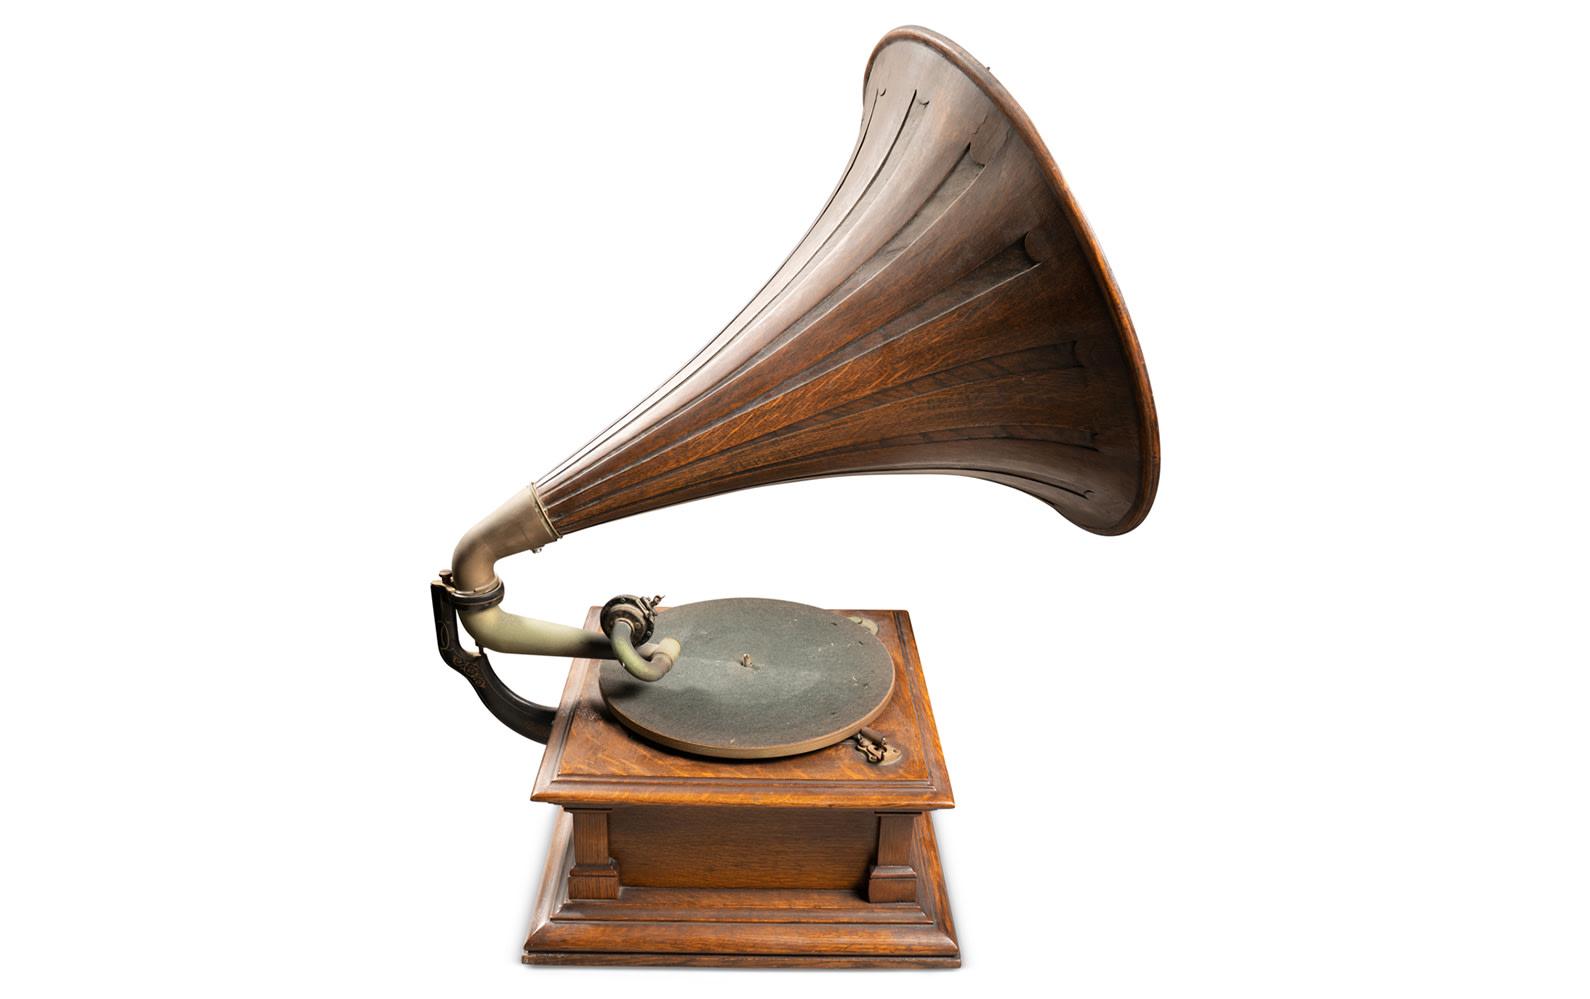 Prod/O21E - Phil Hill C 2021/C0170_Victor Style V Phonograph/C0170_Victor_Style_V_Phonograph_3_ws0pwr